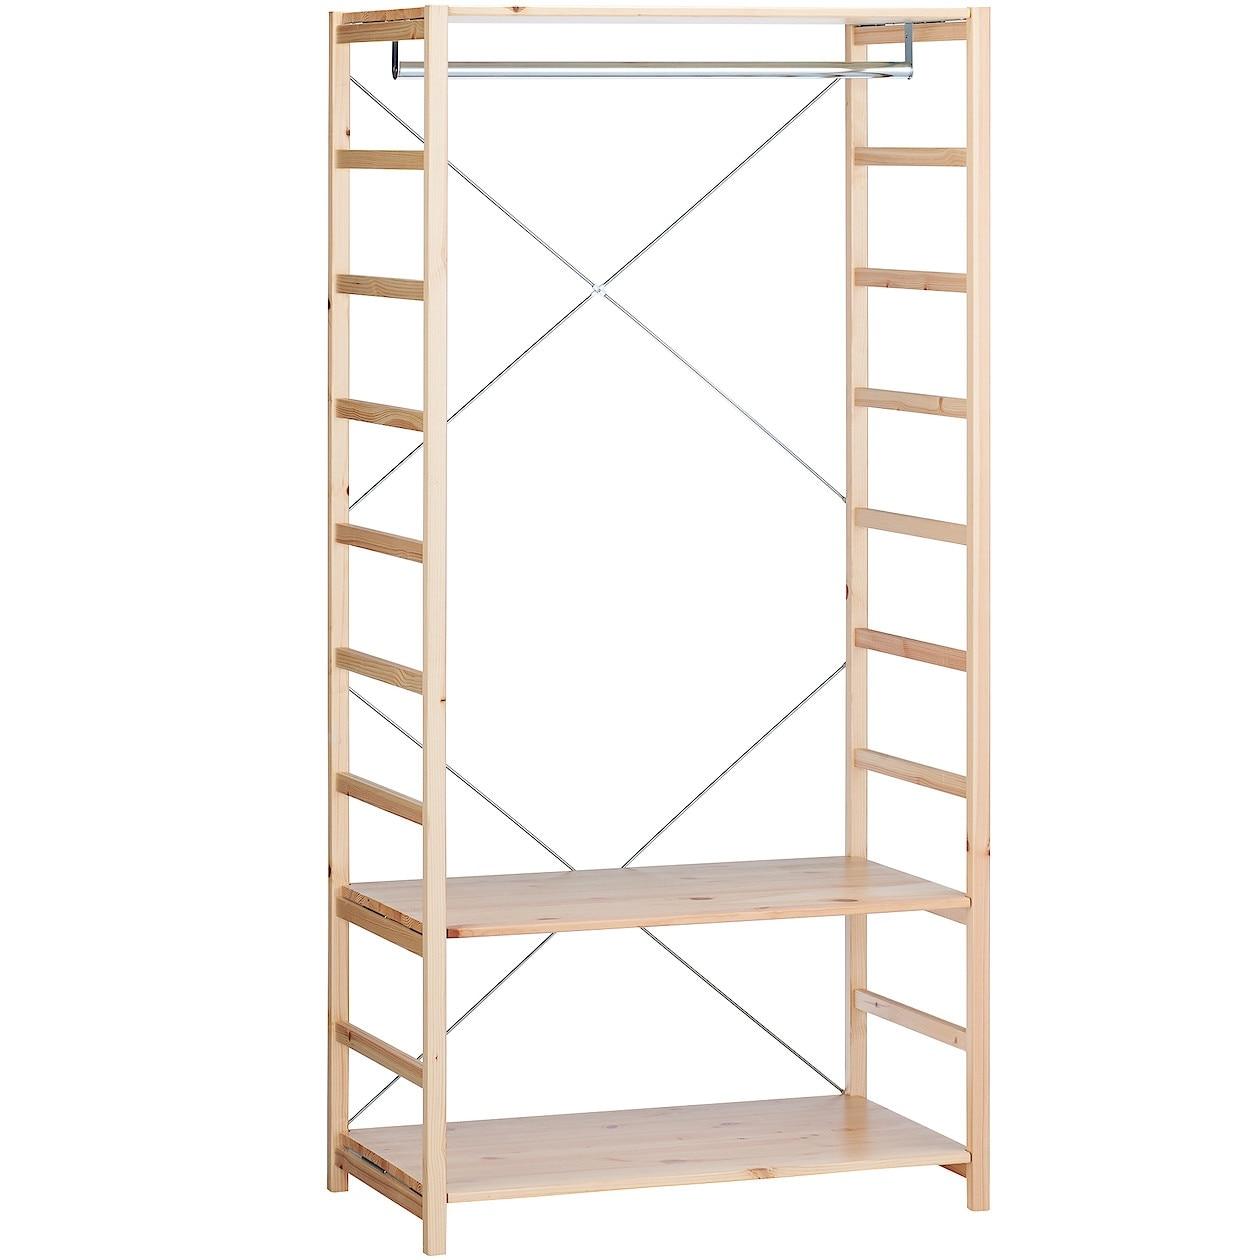 RoomClip商品情報 - パイン材ユニットシェルフ・ワードローブ